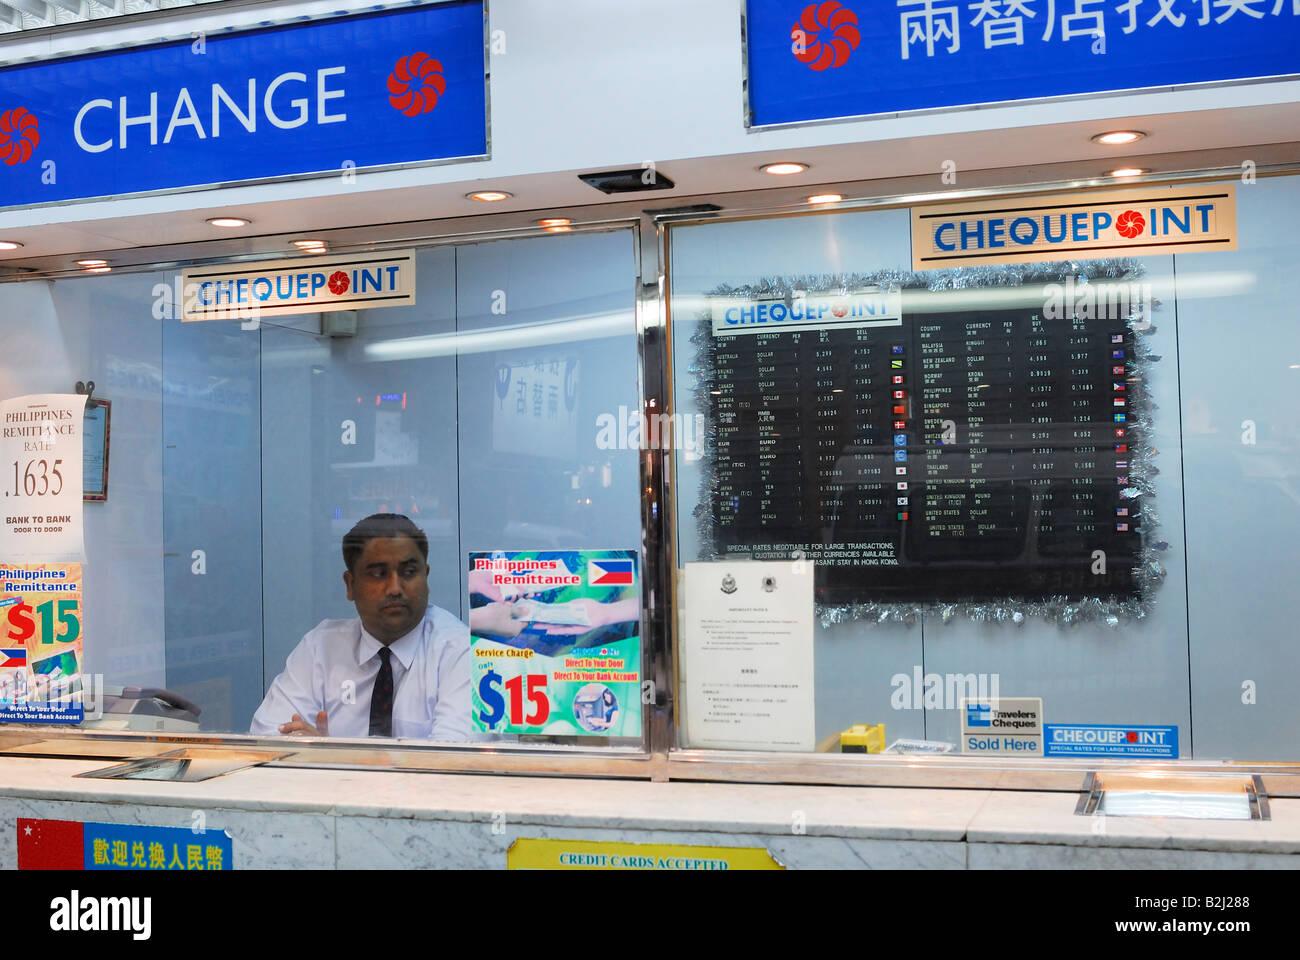 Bureau de change western union stockfotos bureau de change